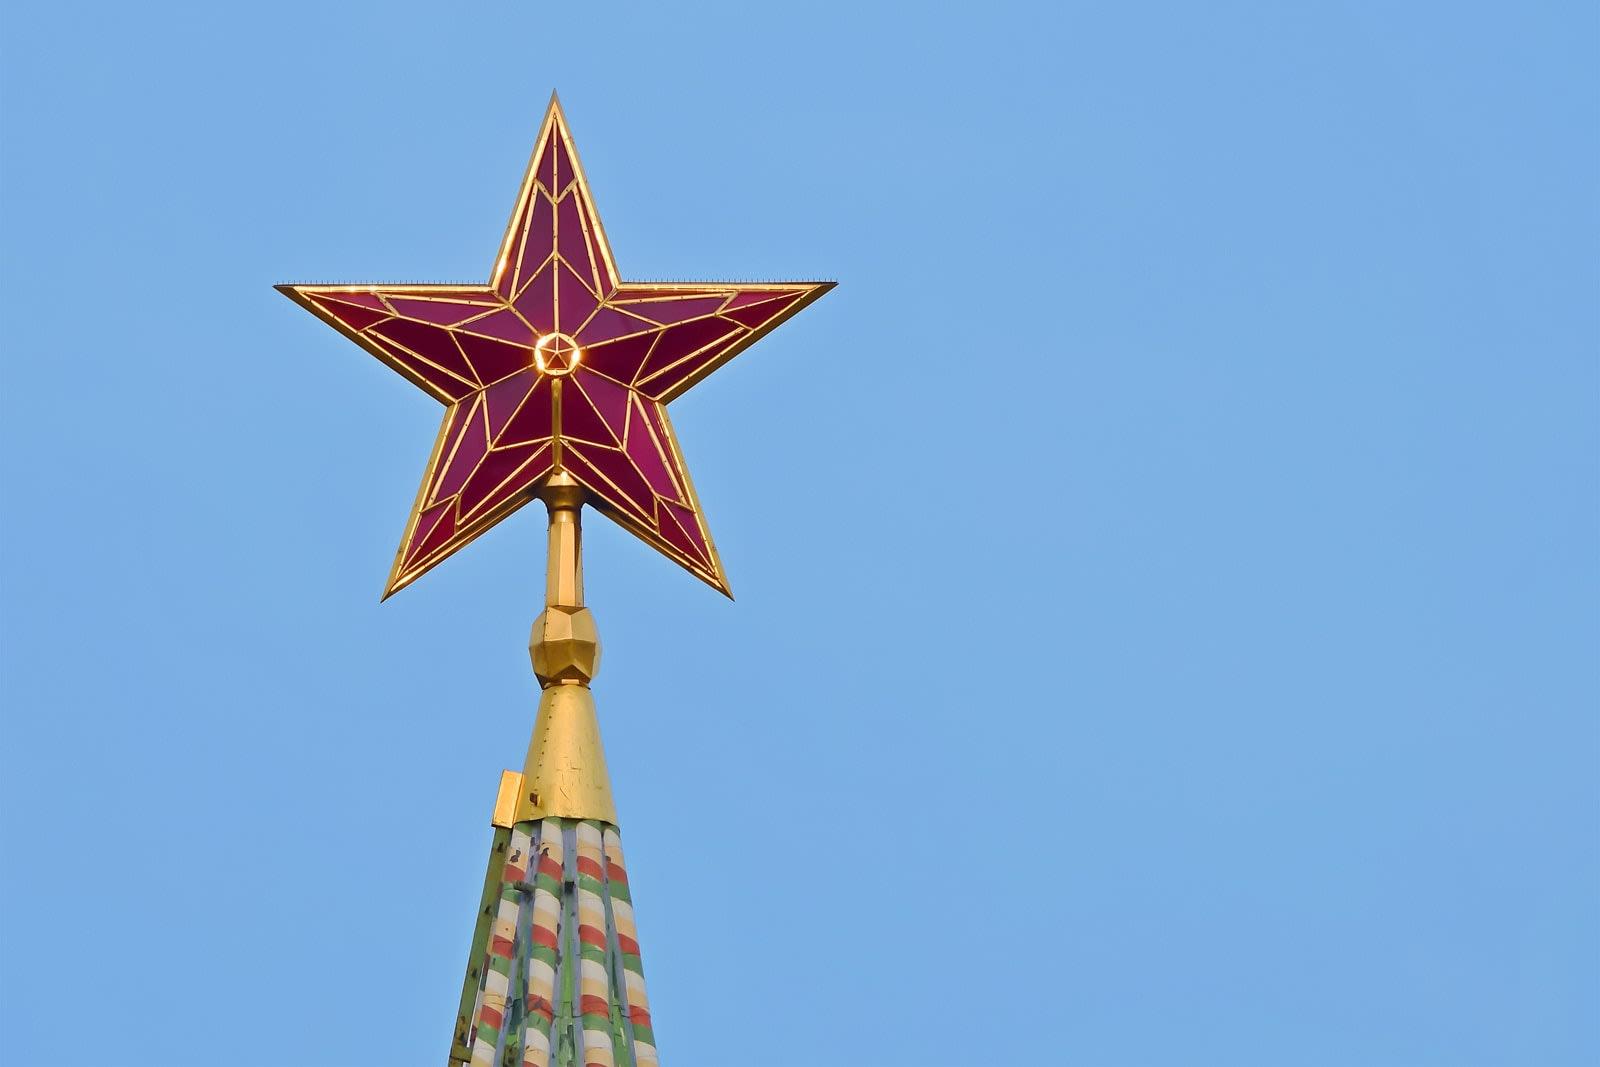 мной кремлевская звезда картинка для двух руках пять